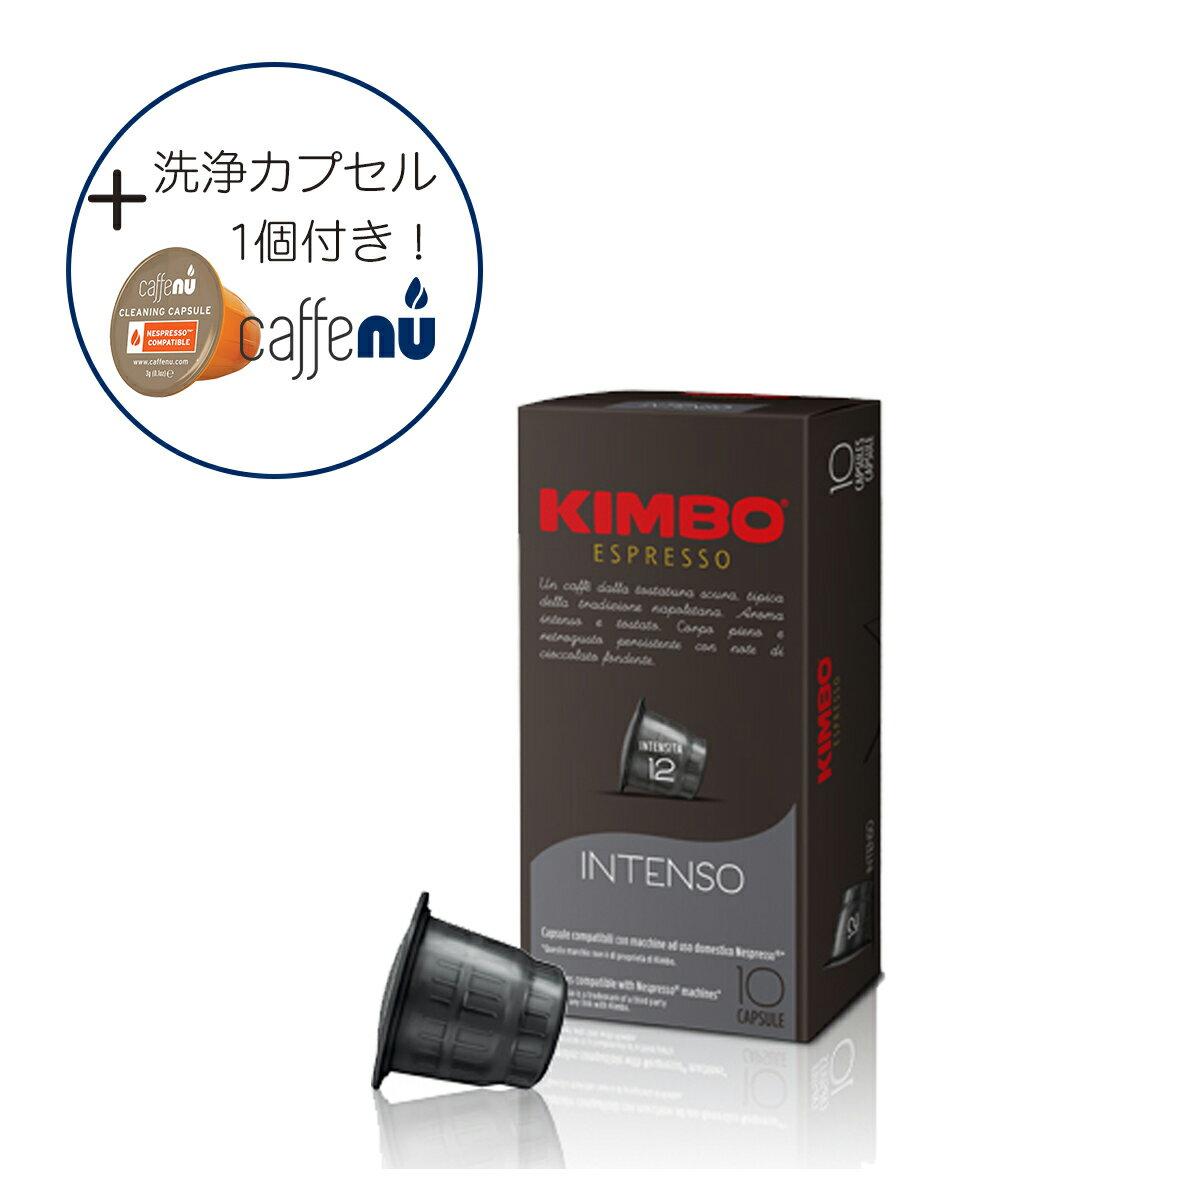 ネスプレッソ カプセル 互換 キンボ kimbo コーヒー インテンソ 1箱 10 カプセル